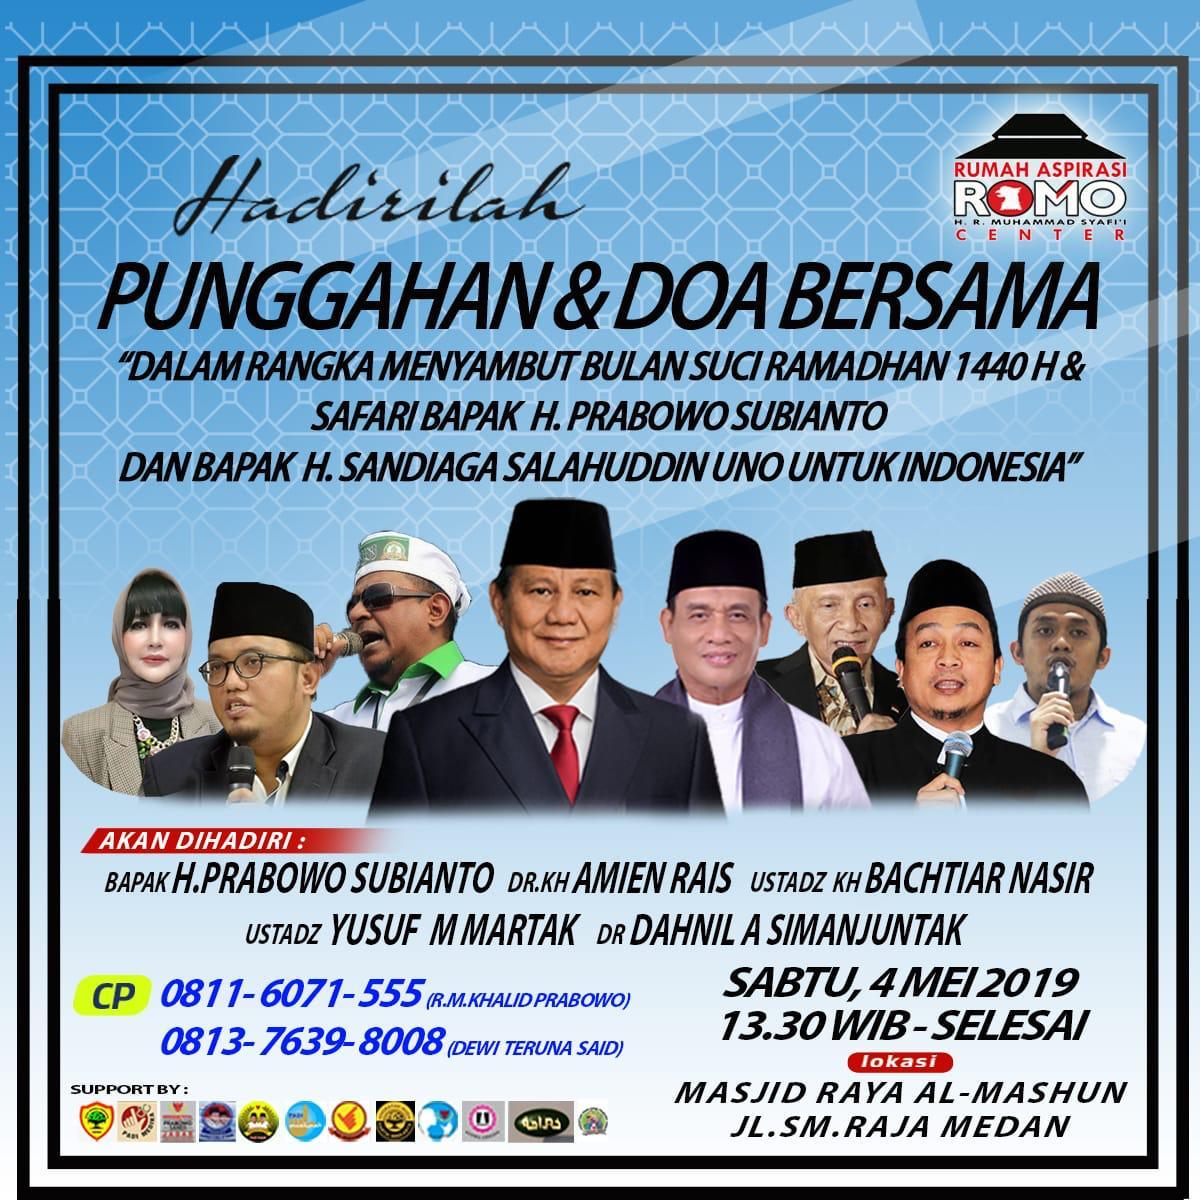 Dari Aceh, Masyarakat Sumut Siap Lanjutkan #KedaulatanRakyat